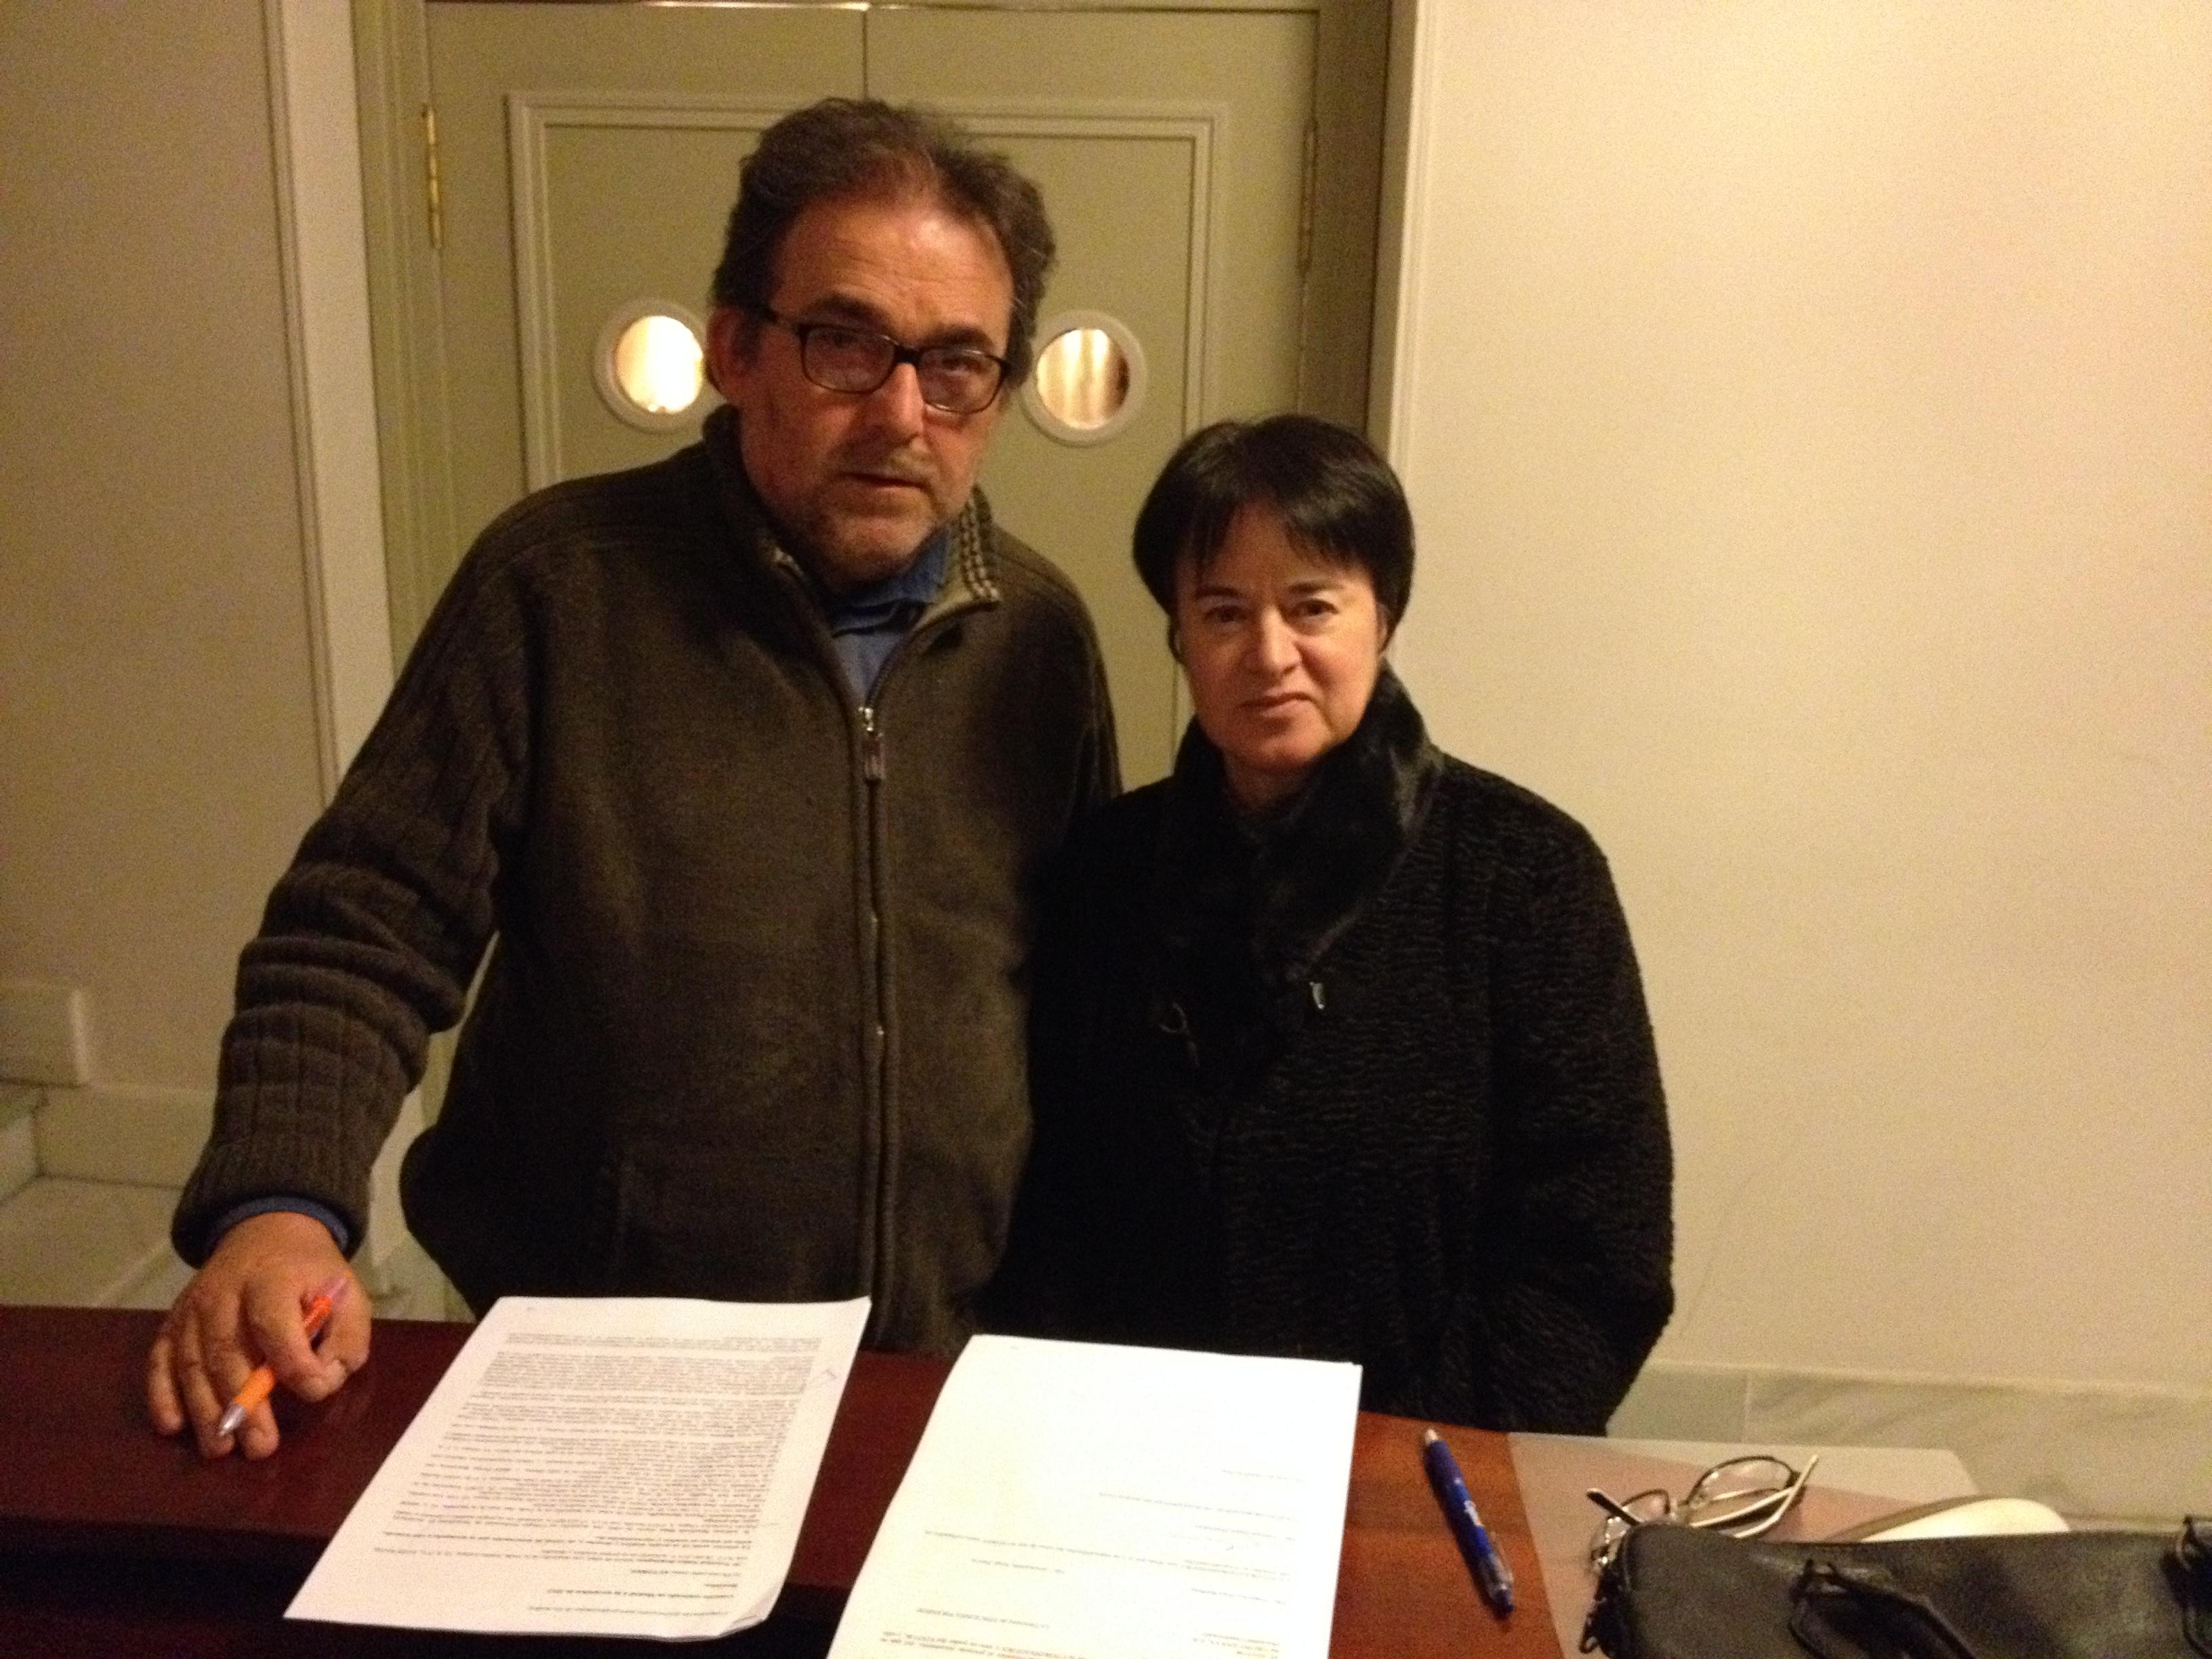 El decano del Colegio, Antonio Manfredi, y la profesora Trinidad Núñez, en la firma del convenio de cesión de derechos de la publicación.